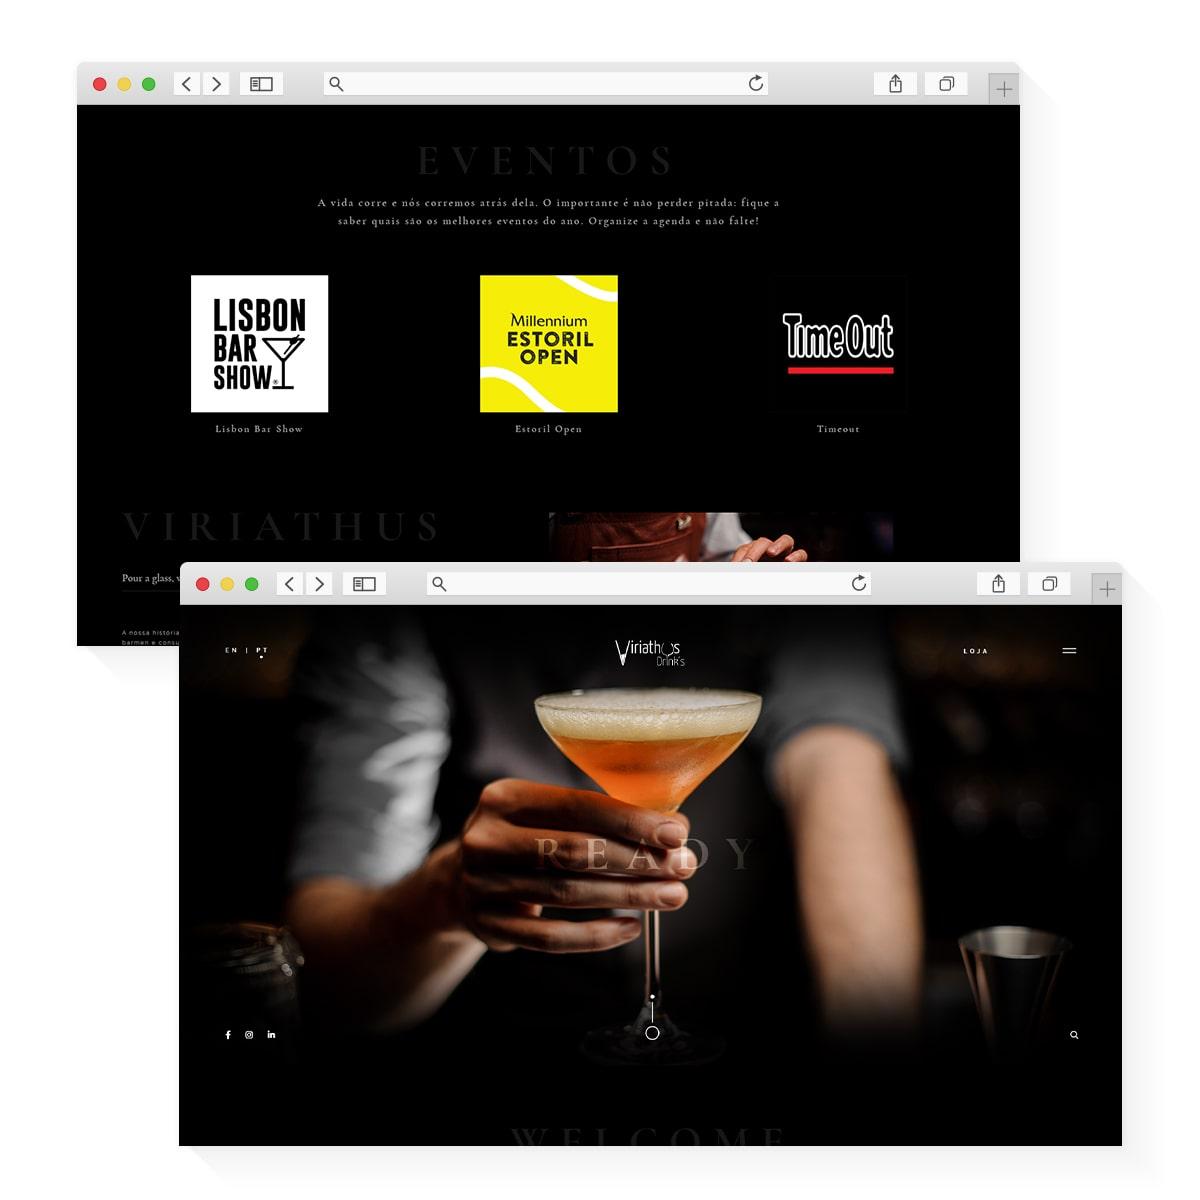 Website Viriathus Drinks